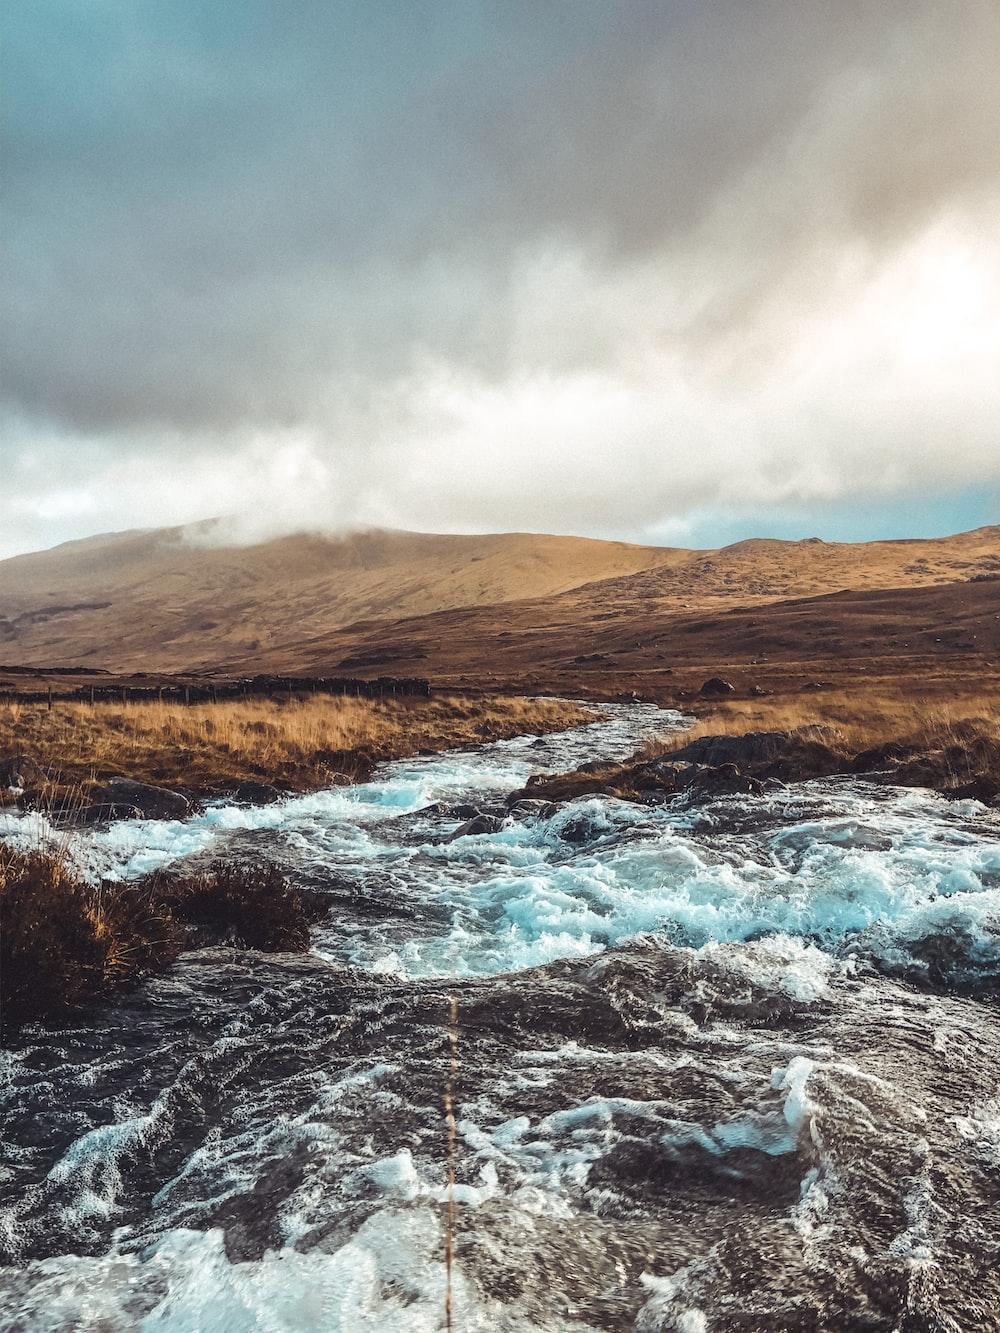 water hitting rocks